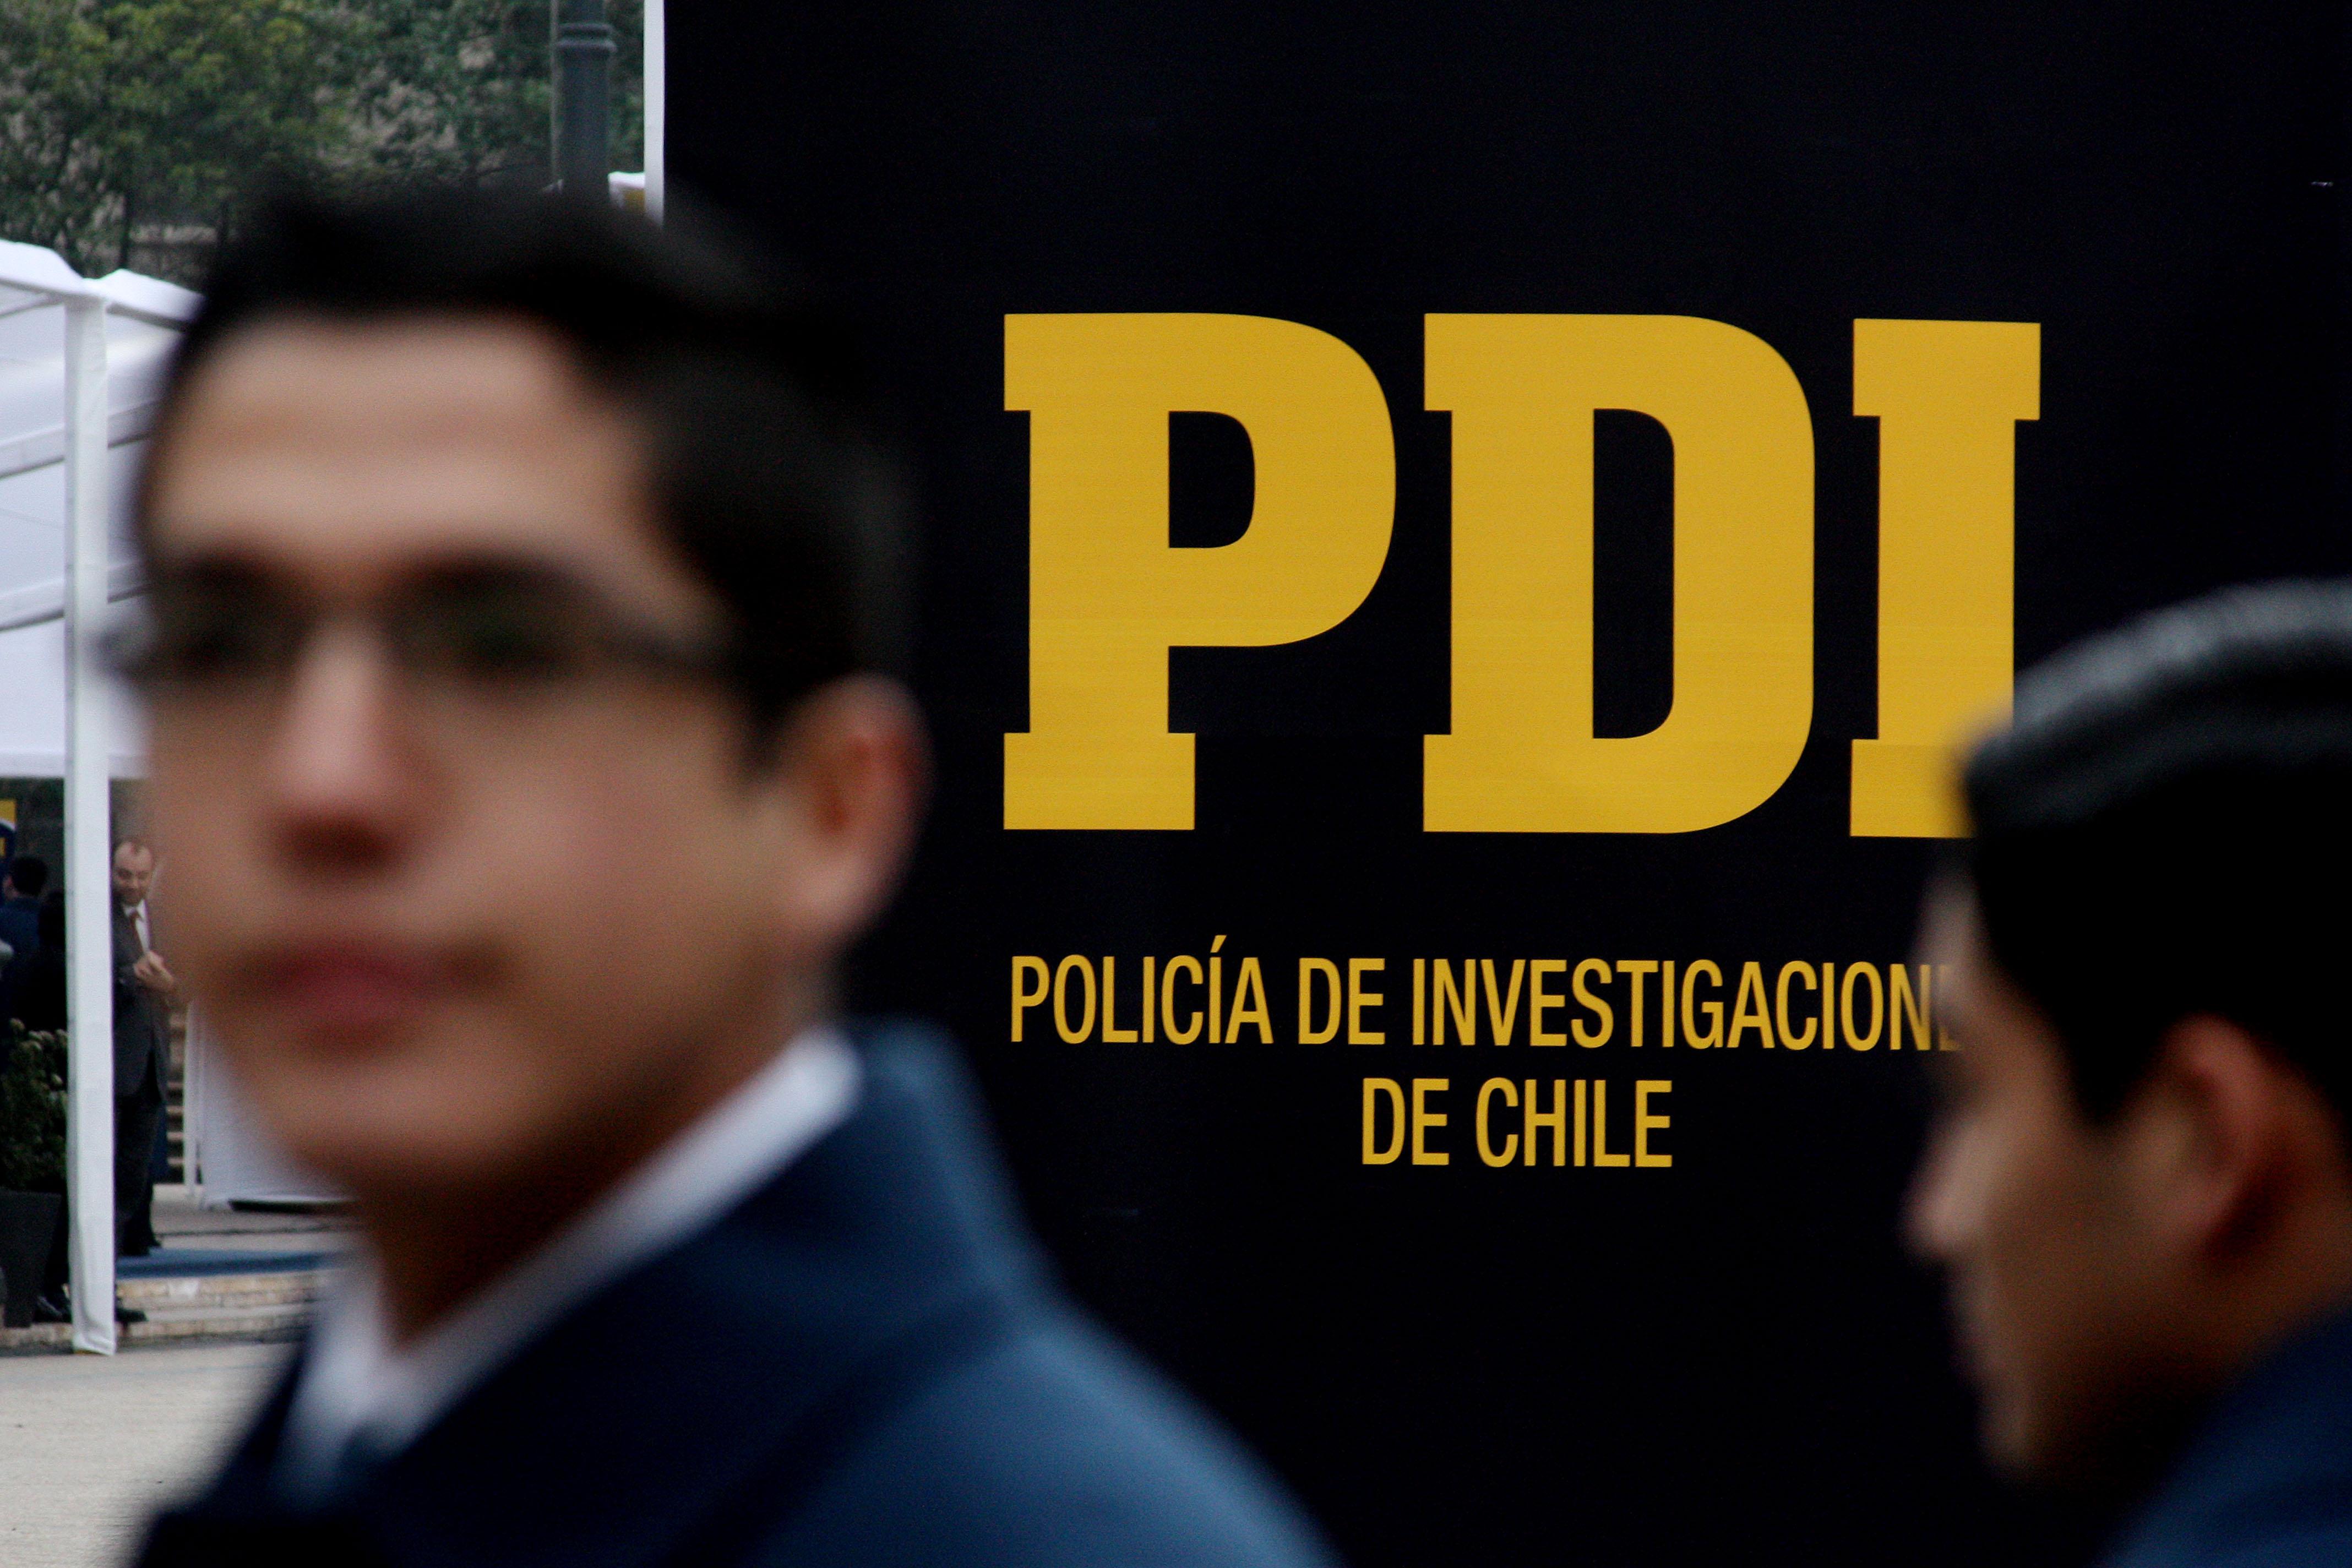 Archivo (David Cortés | Agencia UNO)